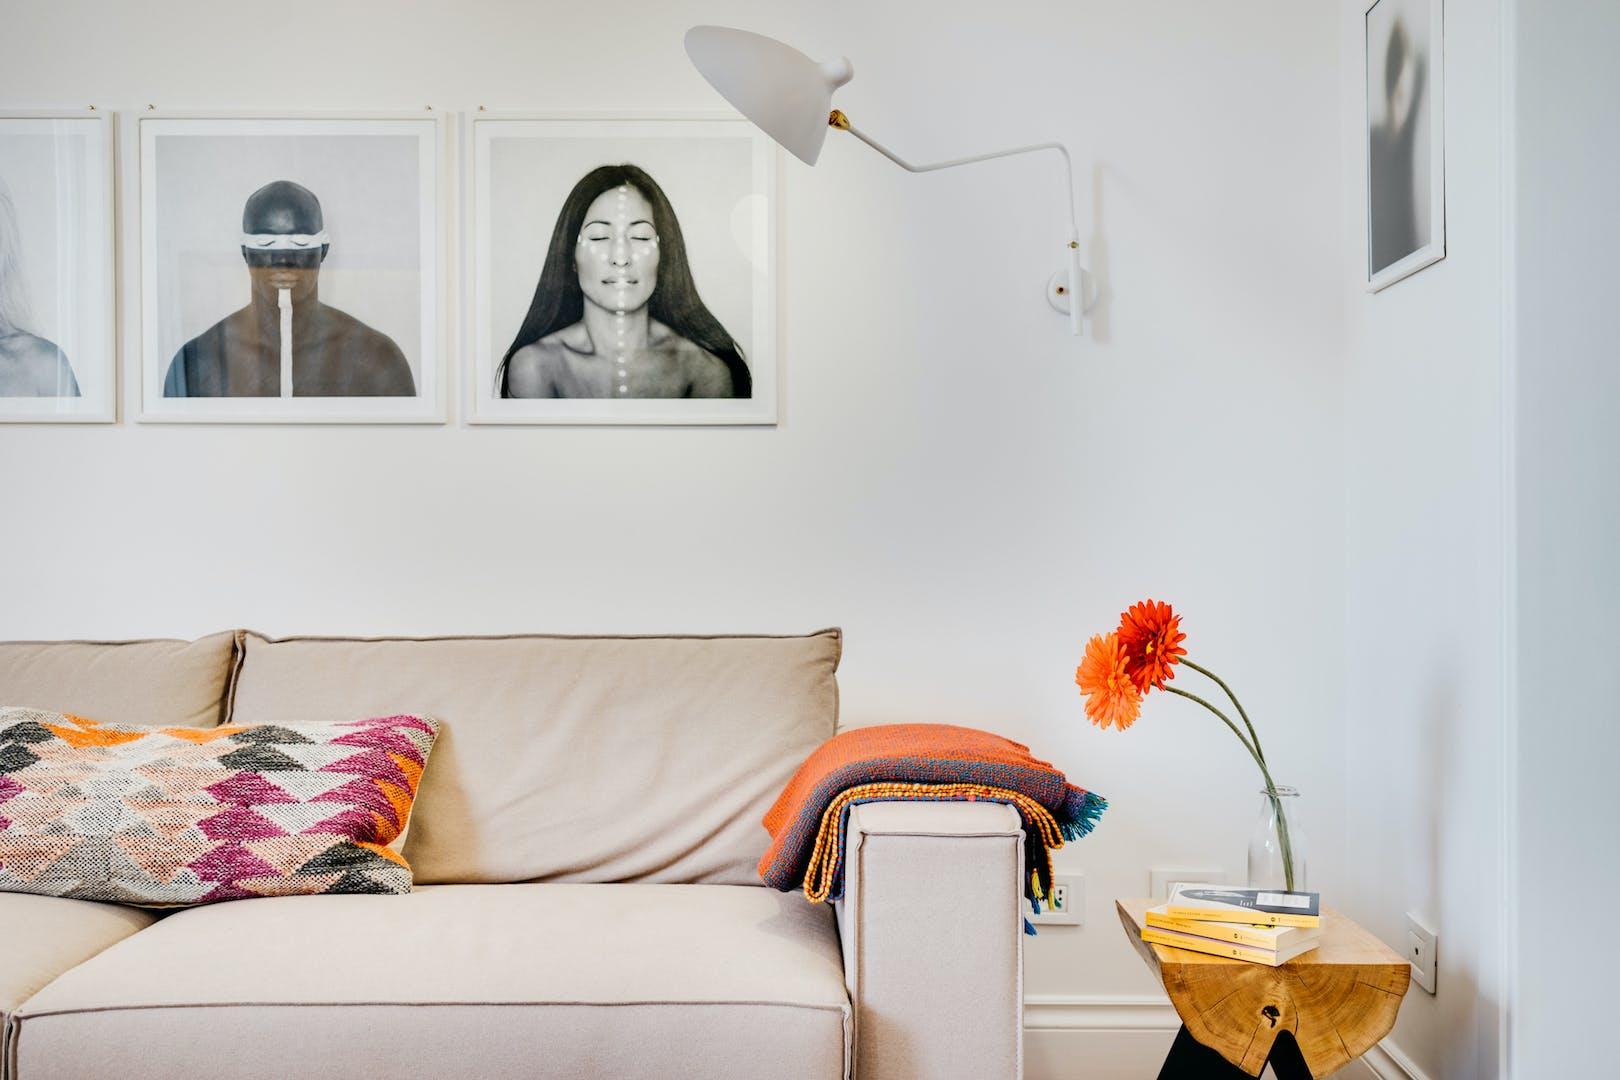 Affittare la propria casa su Airbnb vivendo all'estero, con Hostmaker è possibile